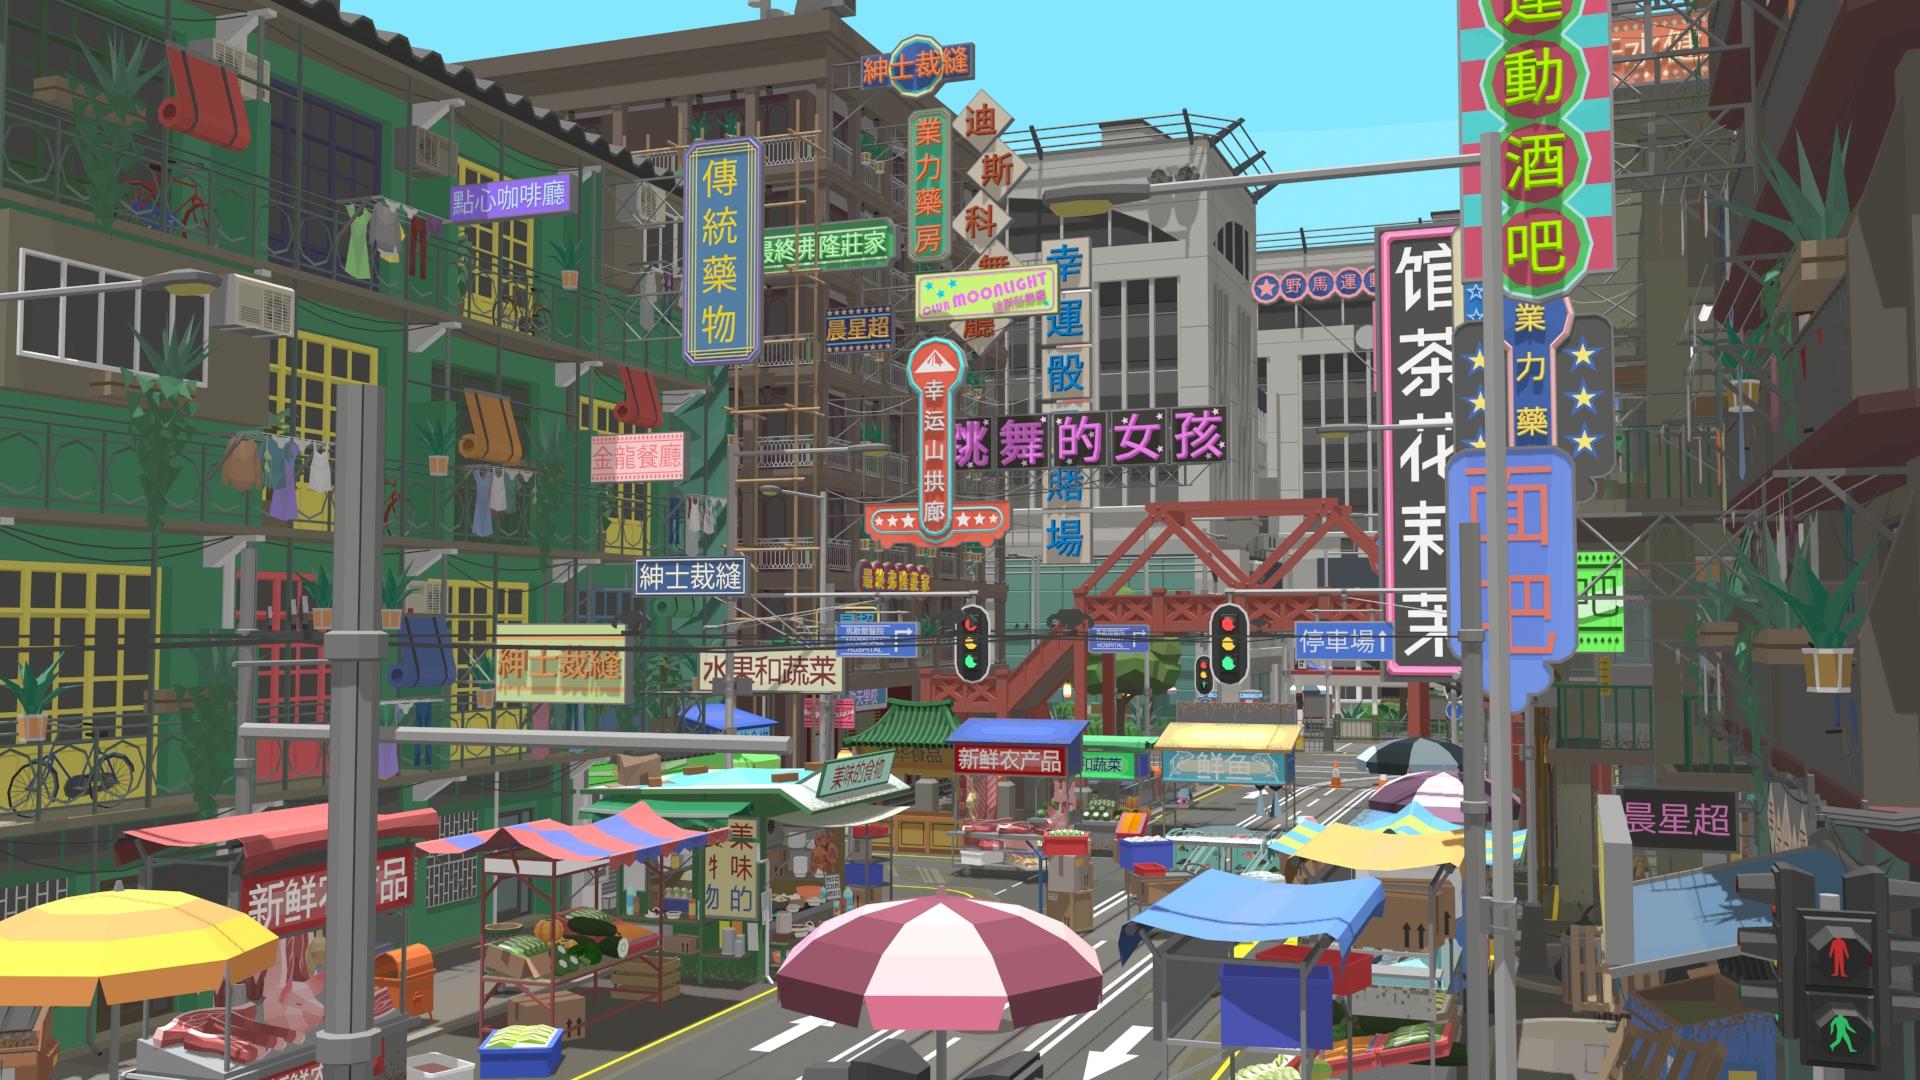 lucky mountain games city scene